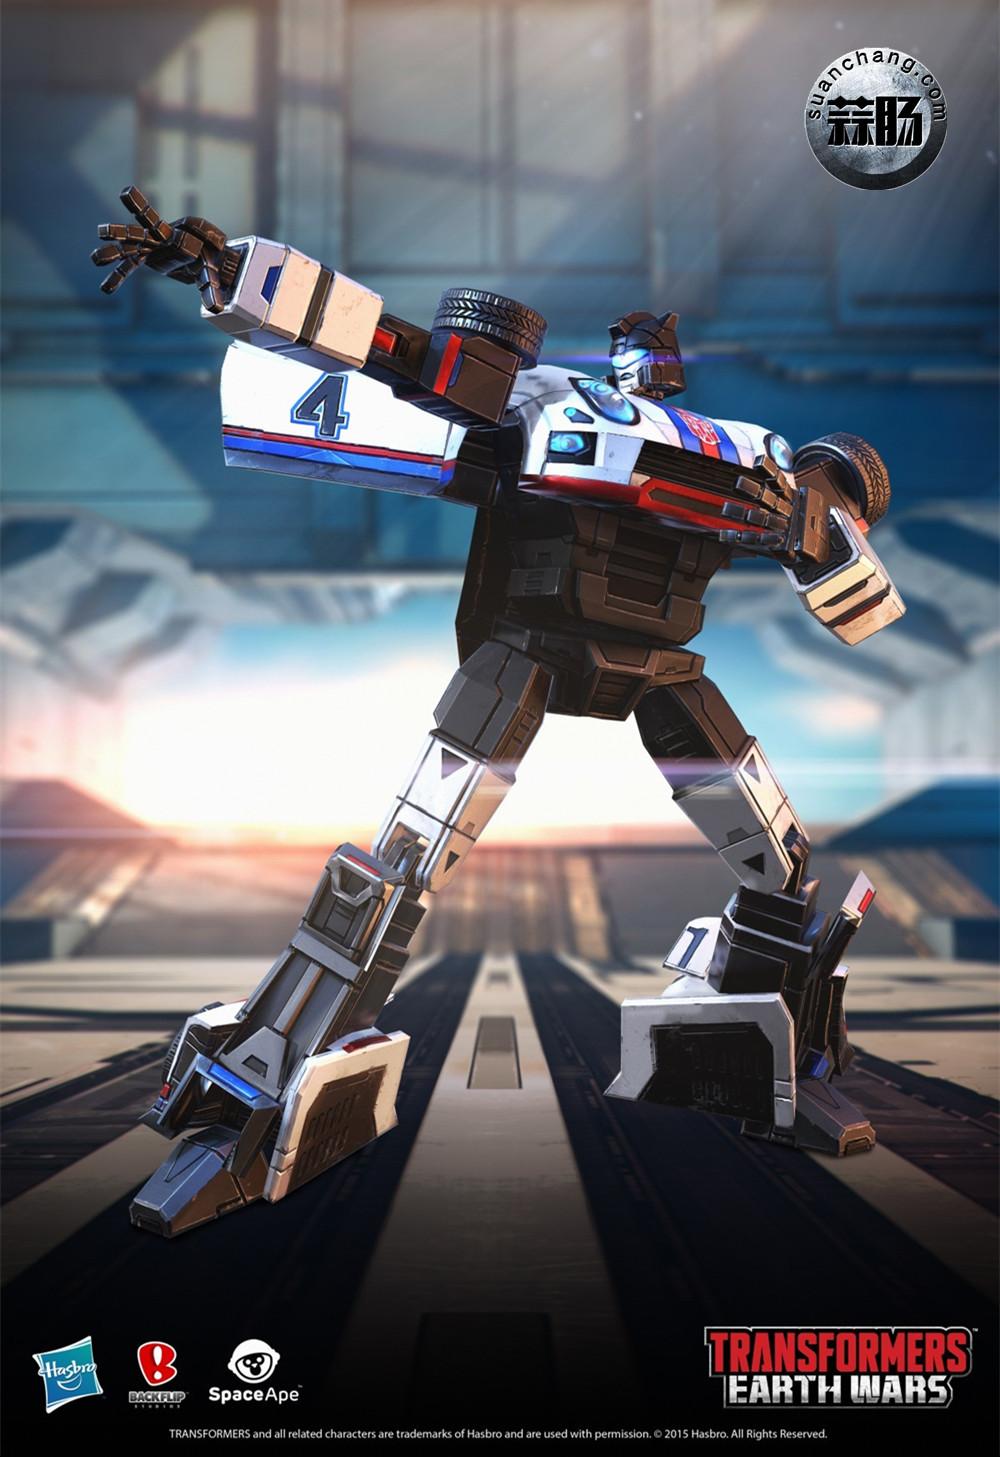 Transformers Earth Wars 游戏人物(一) 变形金刚 第4张